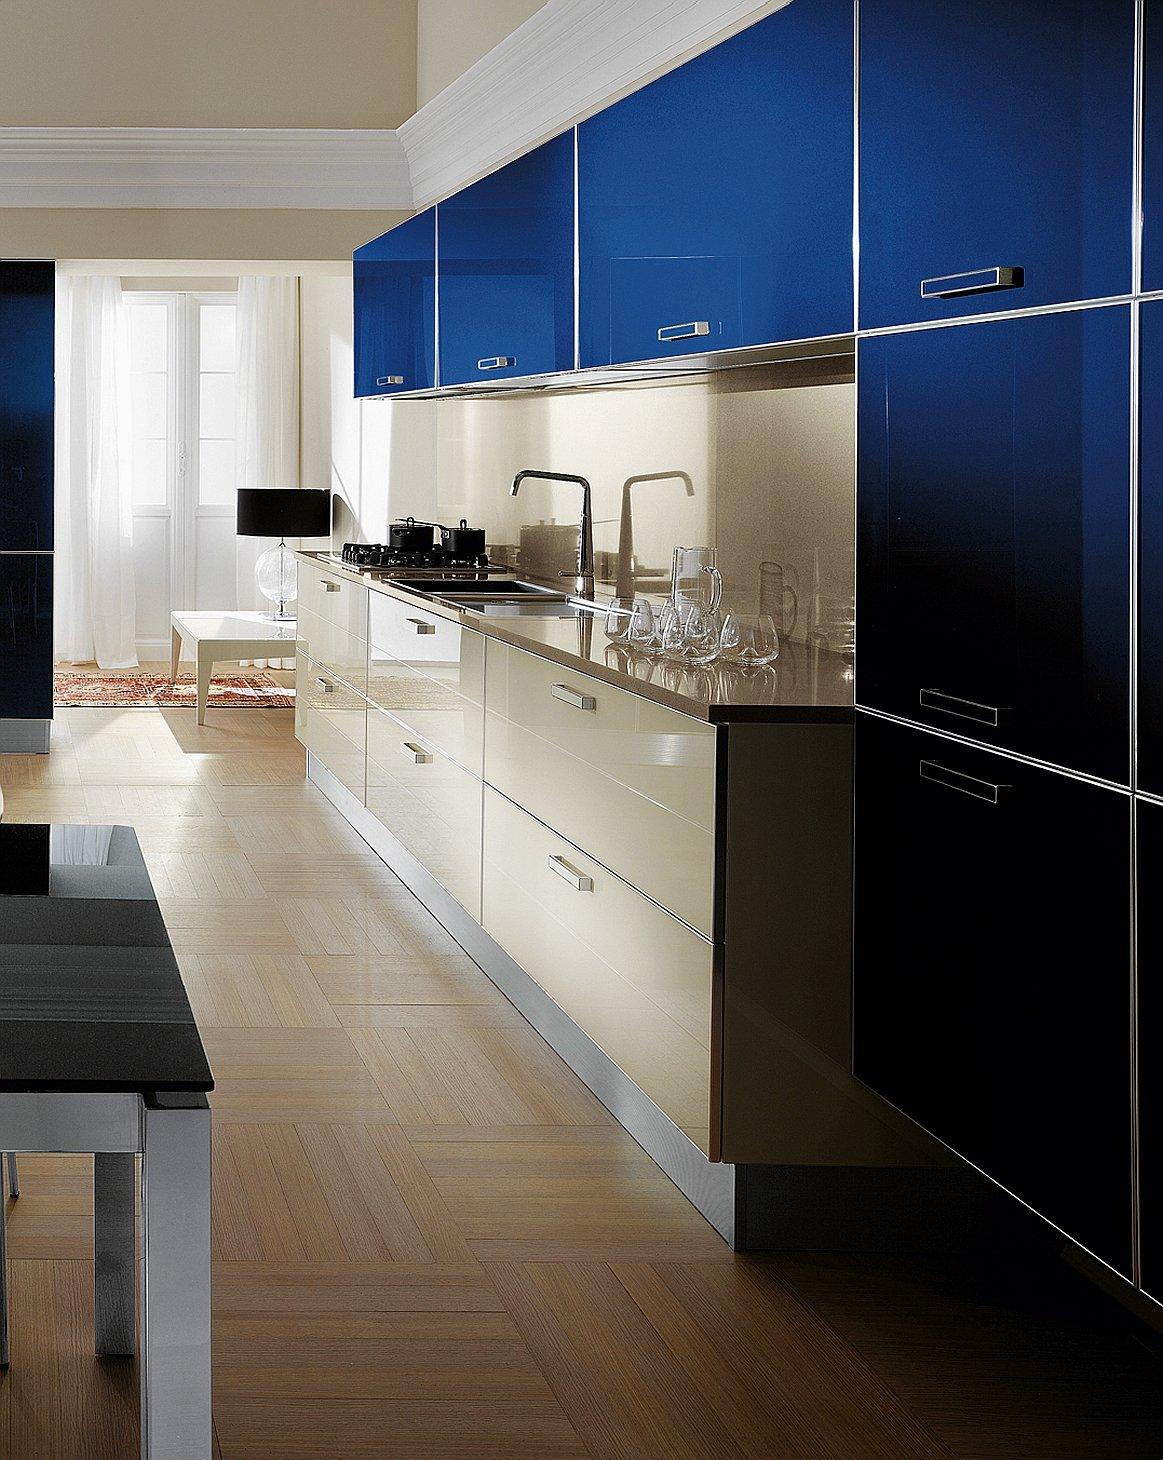 La cucina colorata un guizzo di vitalit cose di casa - Maniglie cucina scavolini ...